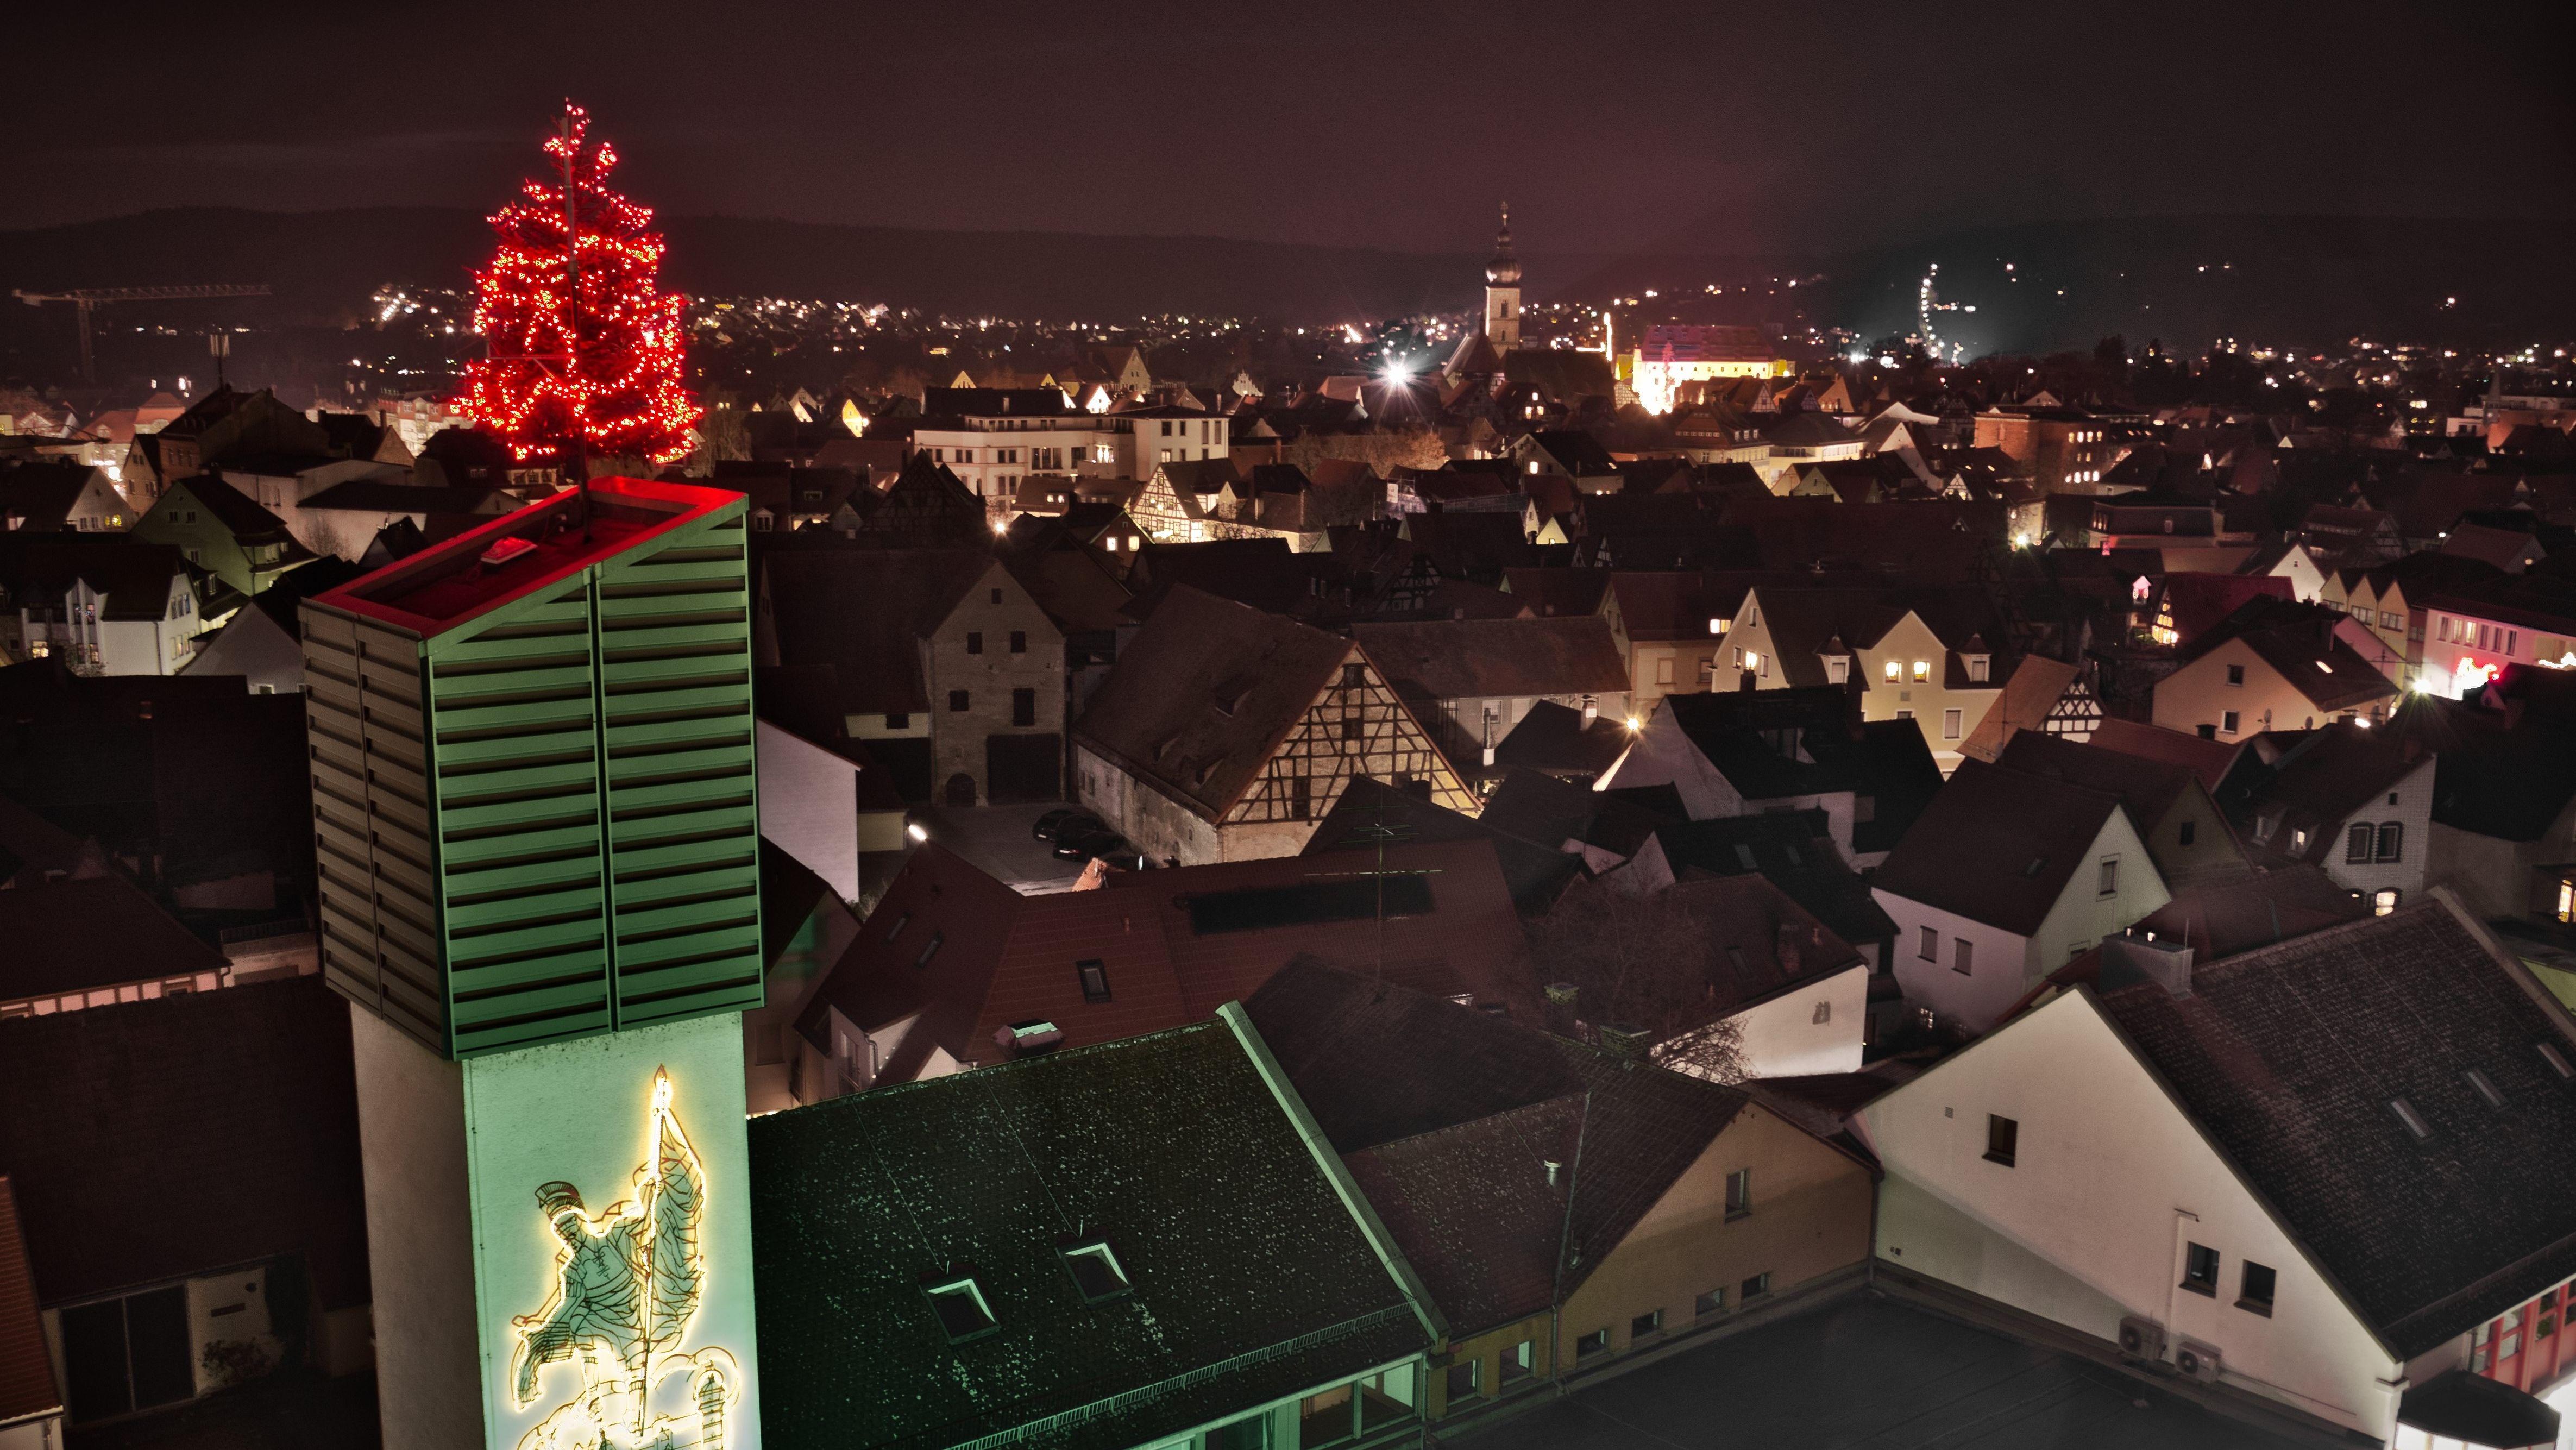 Vor der abendlichen Kulisse der Stadt Forchheim steht ein rot leuchtender Weihnachtsbaum auf dem Dach des Schlauchturms der Feuerwehr.